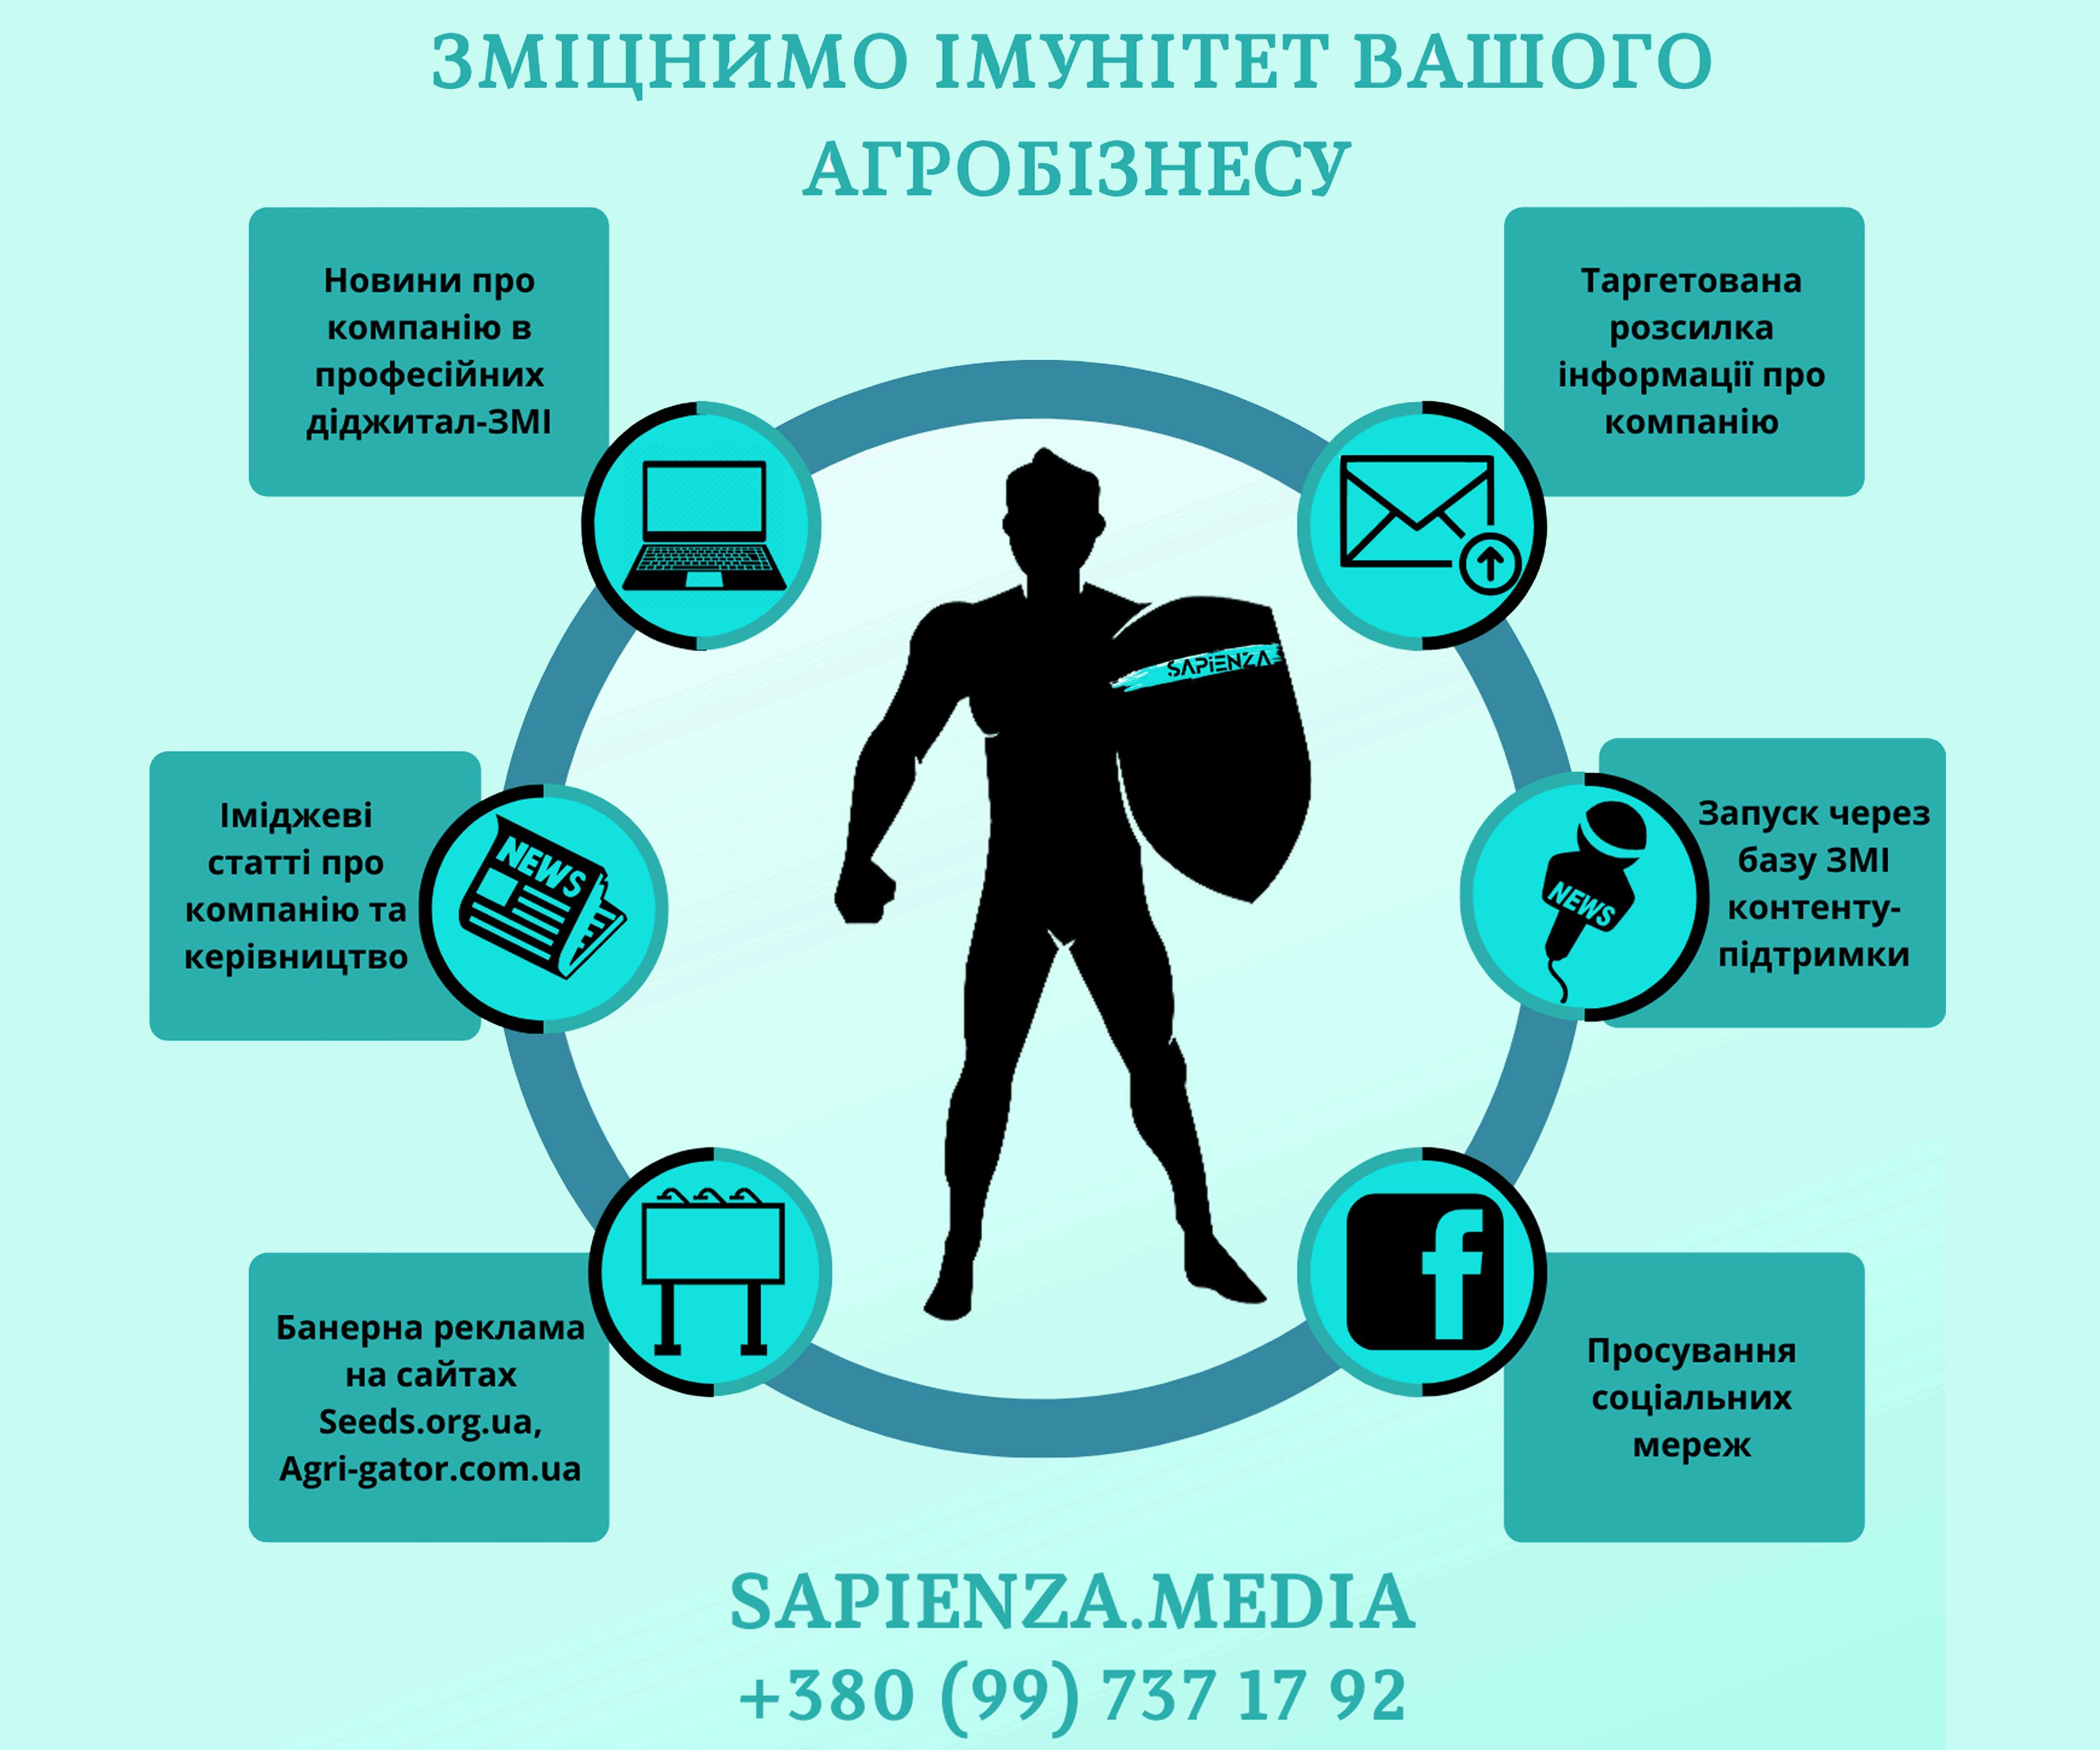 Sapienza immune